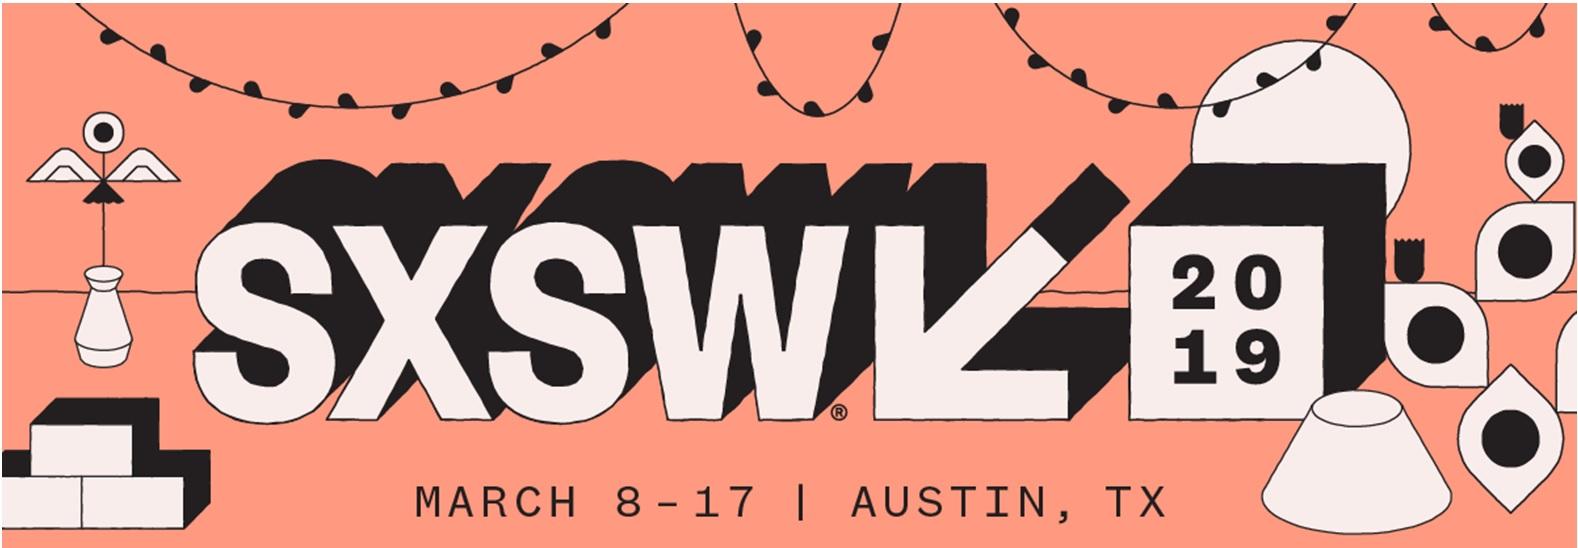 SXSW 2019 November